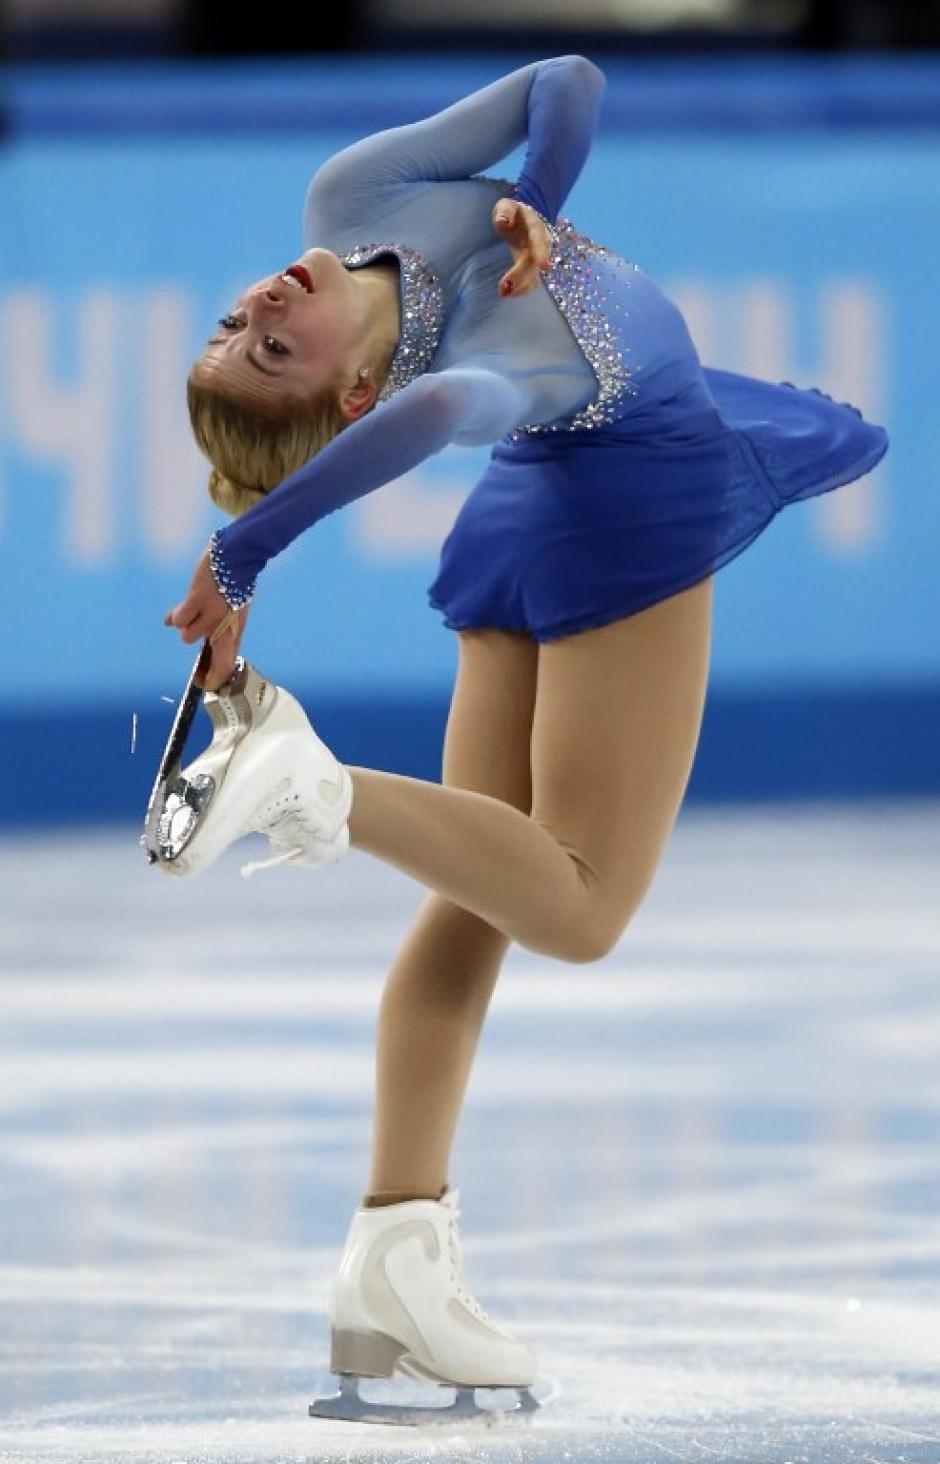 La patinadora estadounidense fue la ganadora de la medalla de oro en patinaje artístico